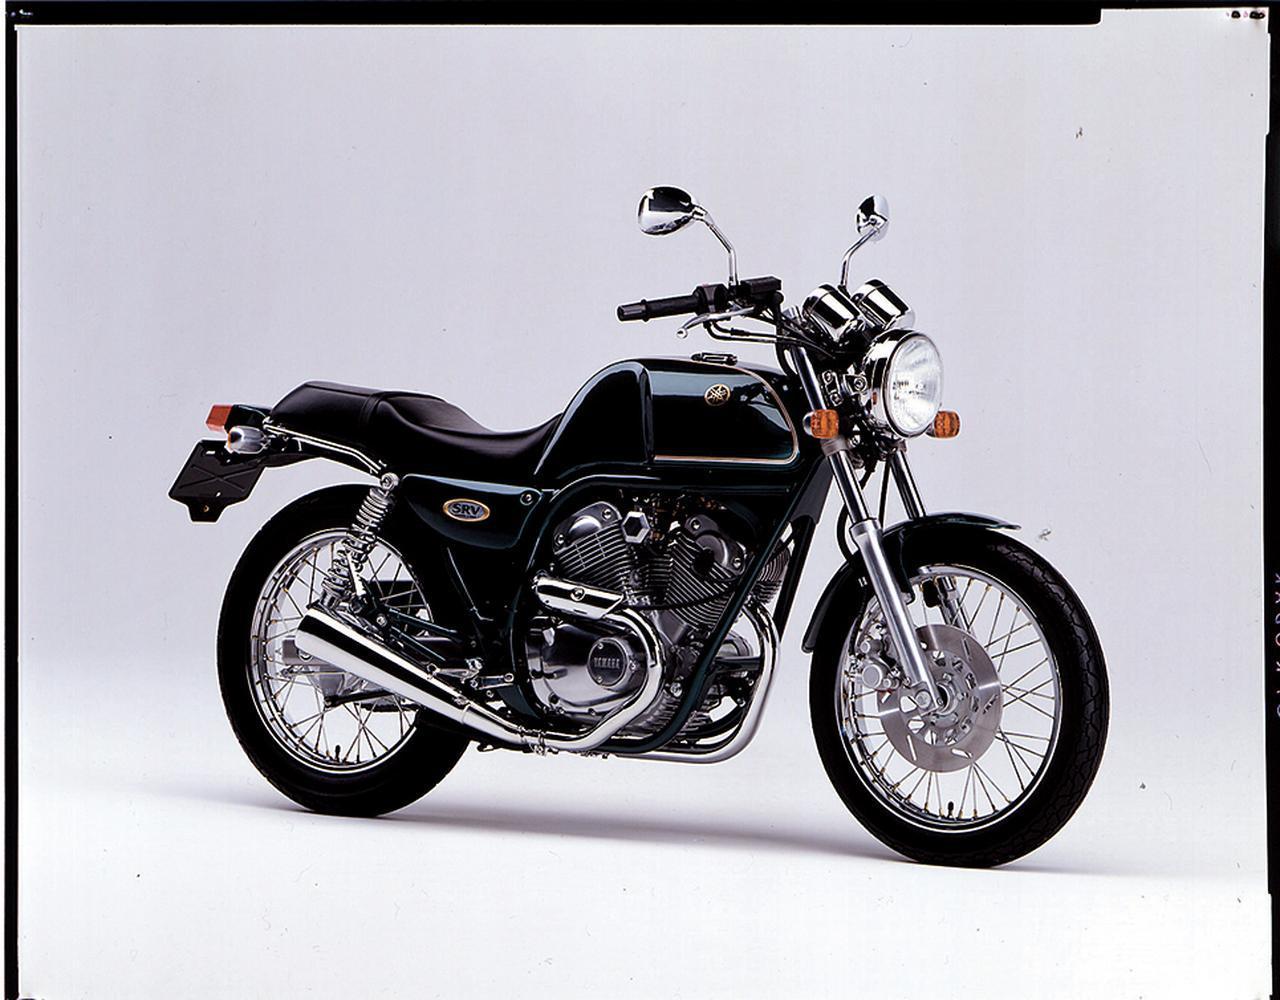 画像: 1992/4 YAMAHA SRV250 英国車ムードのネオレトロスポーツ。エンジンの外観までもがベースのビラーゴから変更されるなど、細部に至るまでのパーツのデザインや仕上げのこだわりも光る。